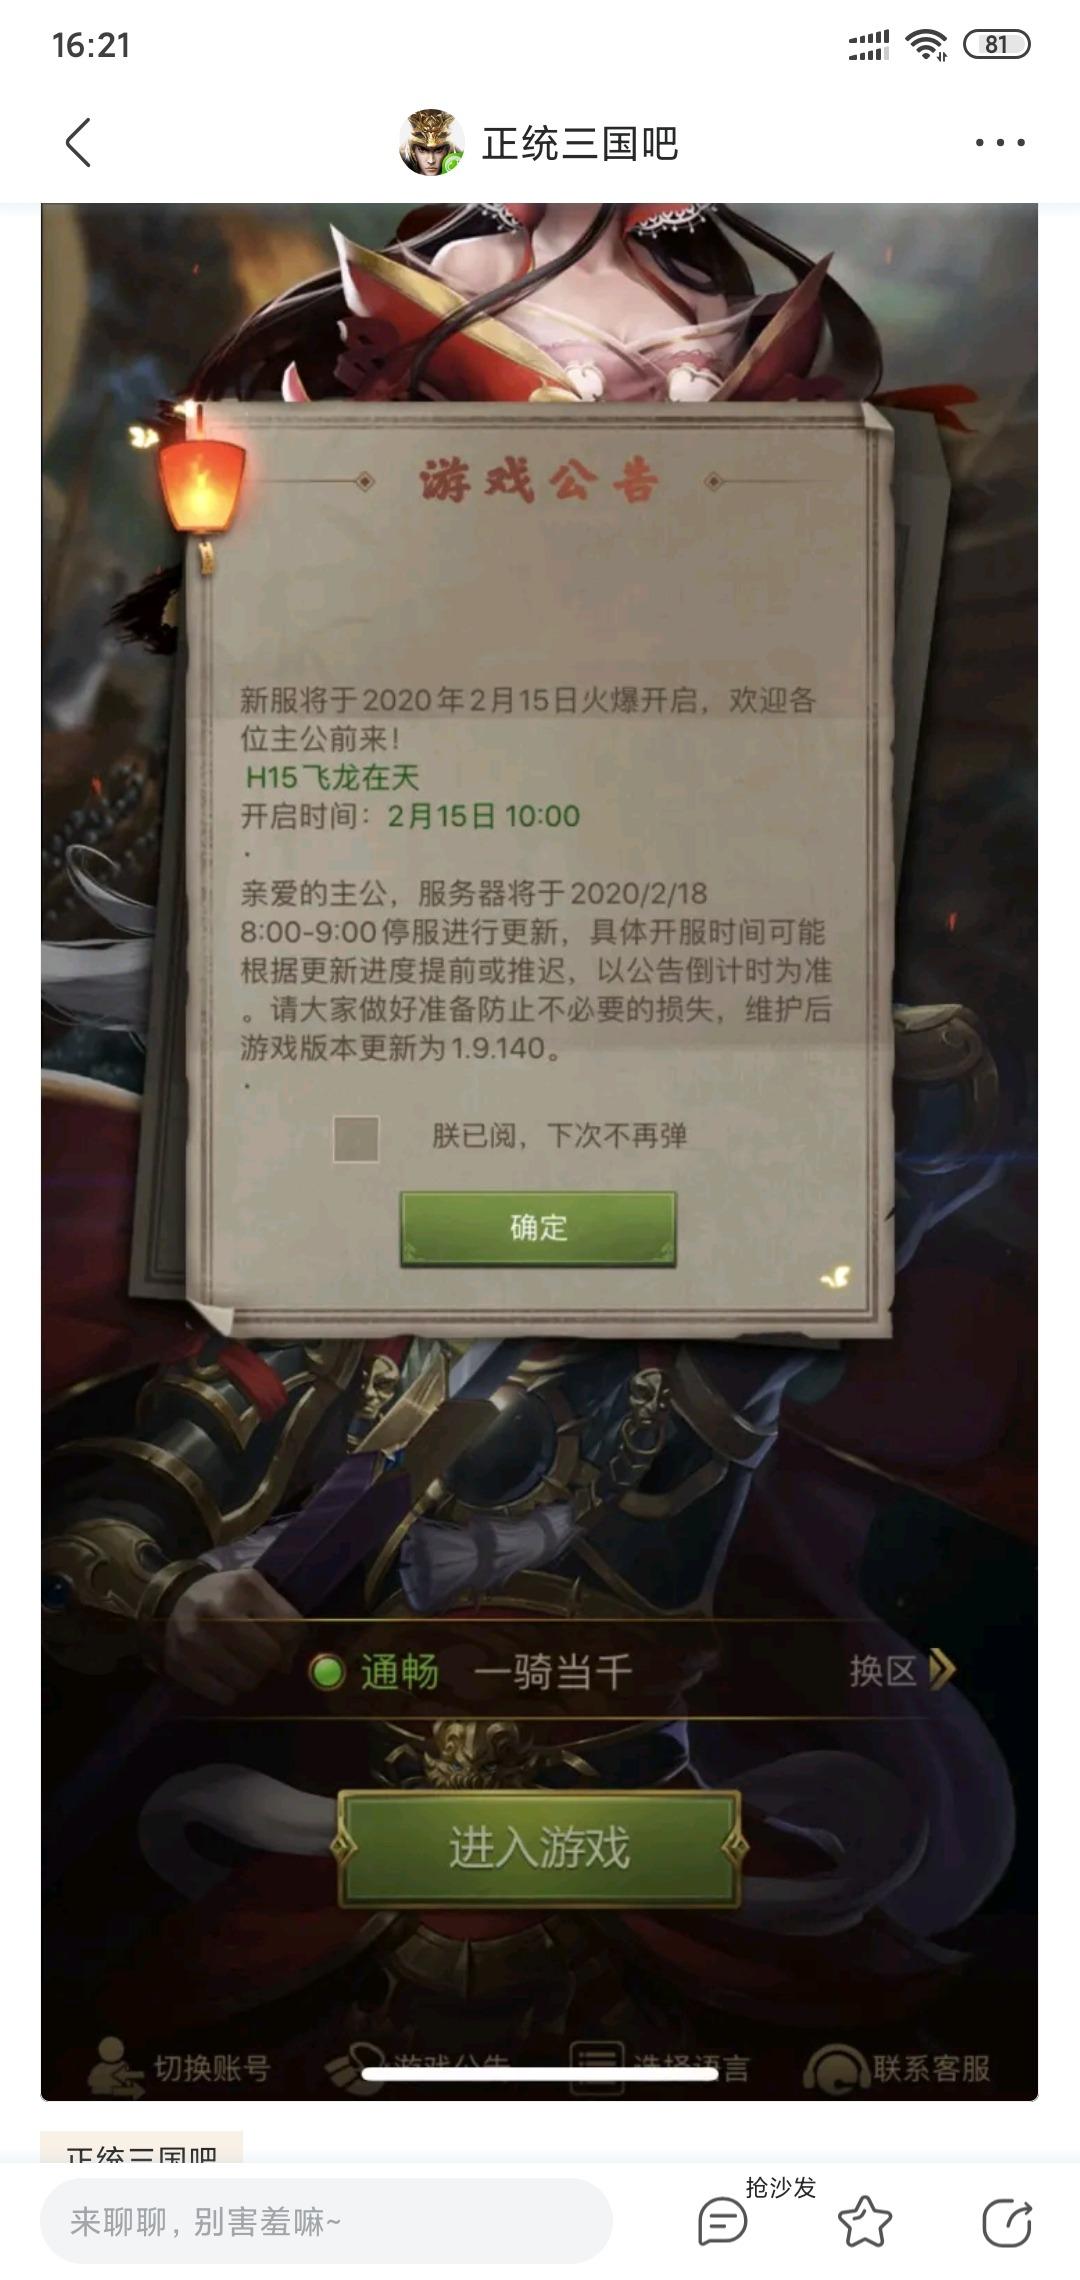 Screenshot_2020-02-16-16-21-26-778_com.baidu.tieba.jpg